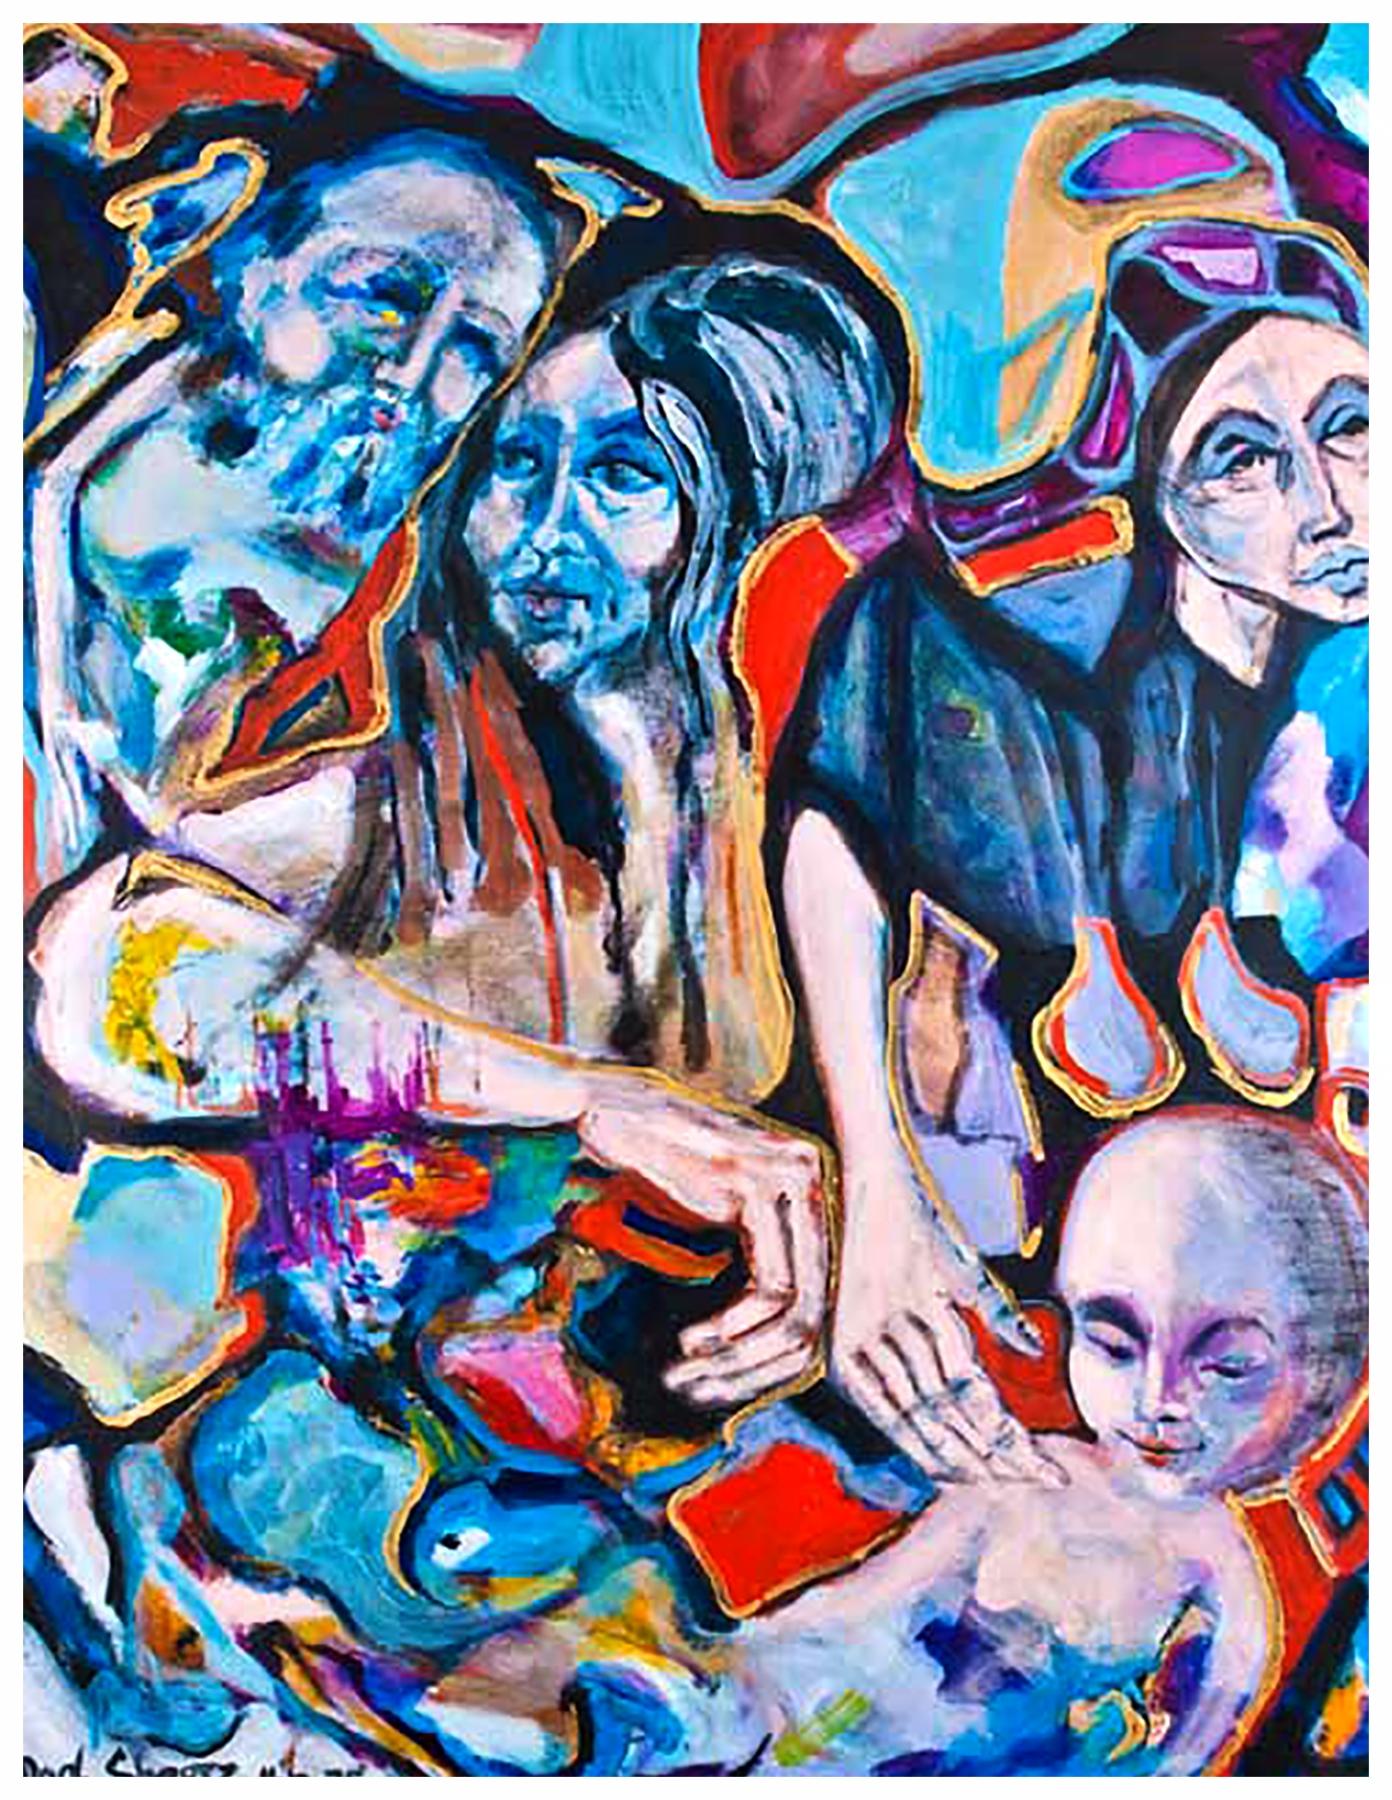 Moonchild 1975 56x44 Acrylic